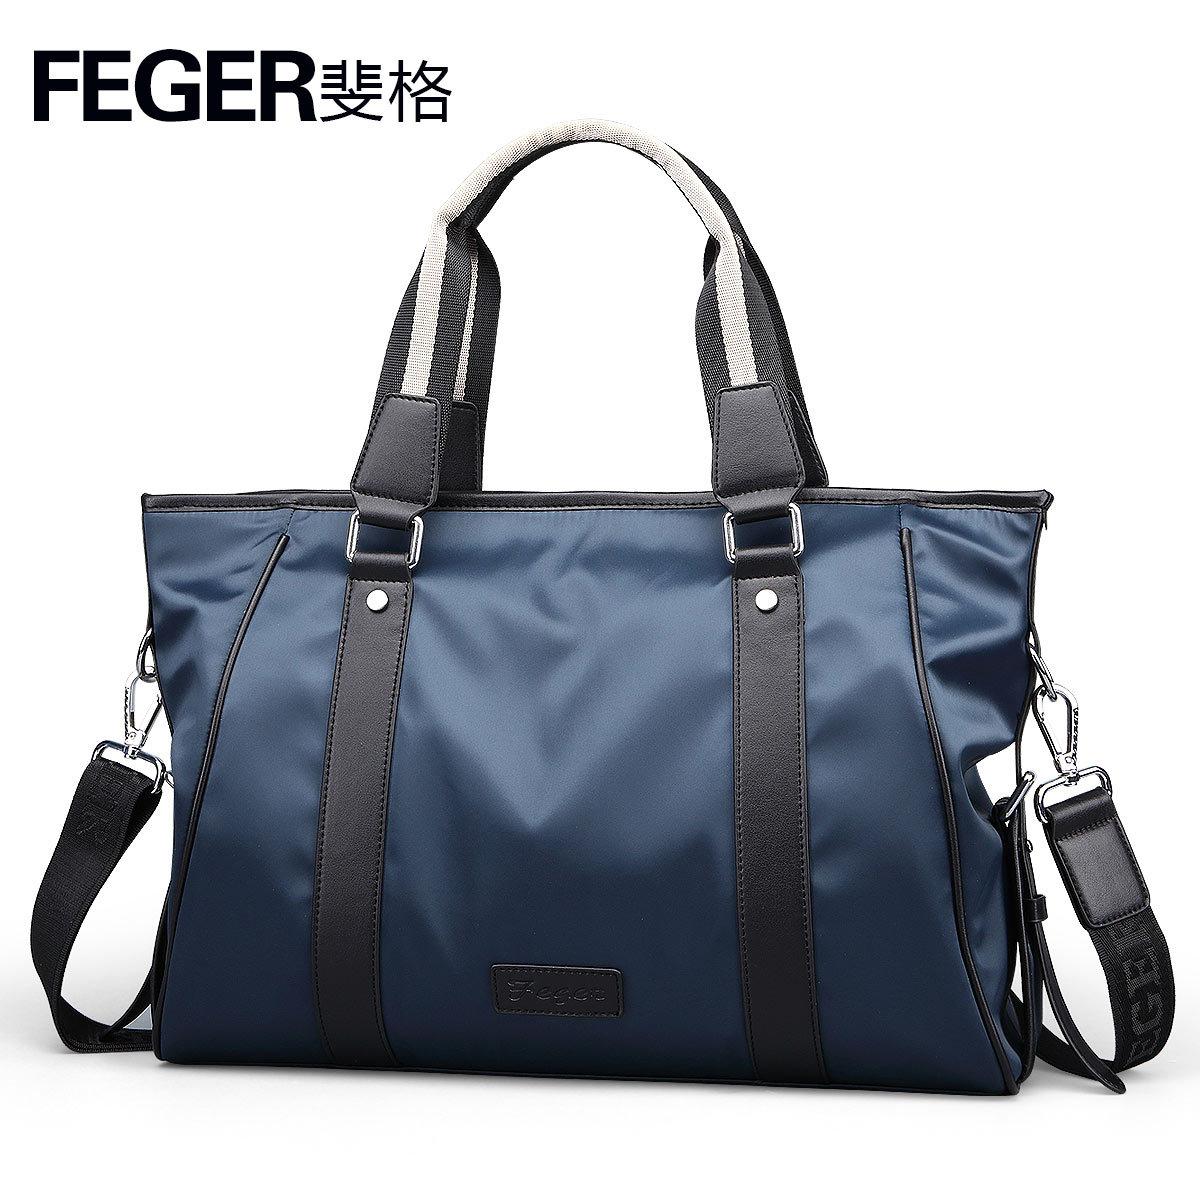 FEGER Túi xách Feige túi xách nam vali thông thường đa chức năng túi oxford nam mặt cắt ngang thời t